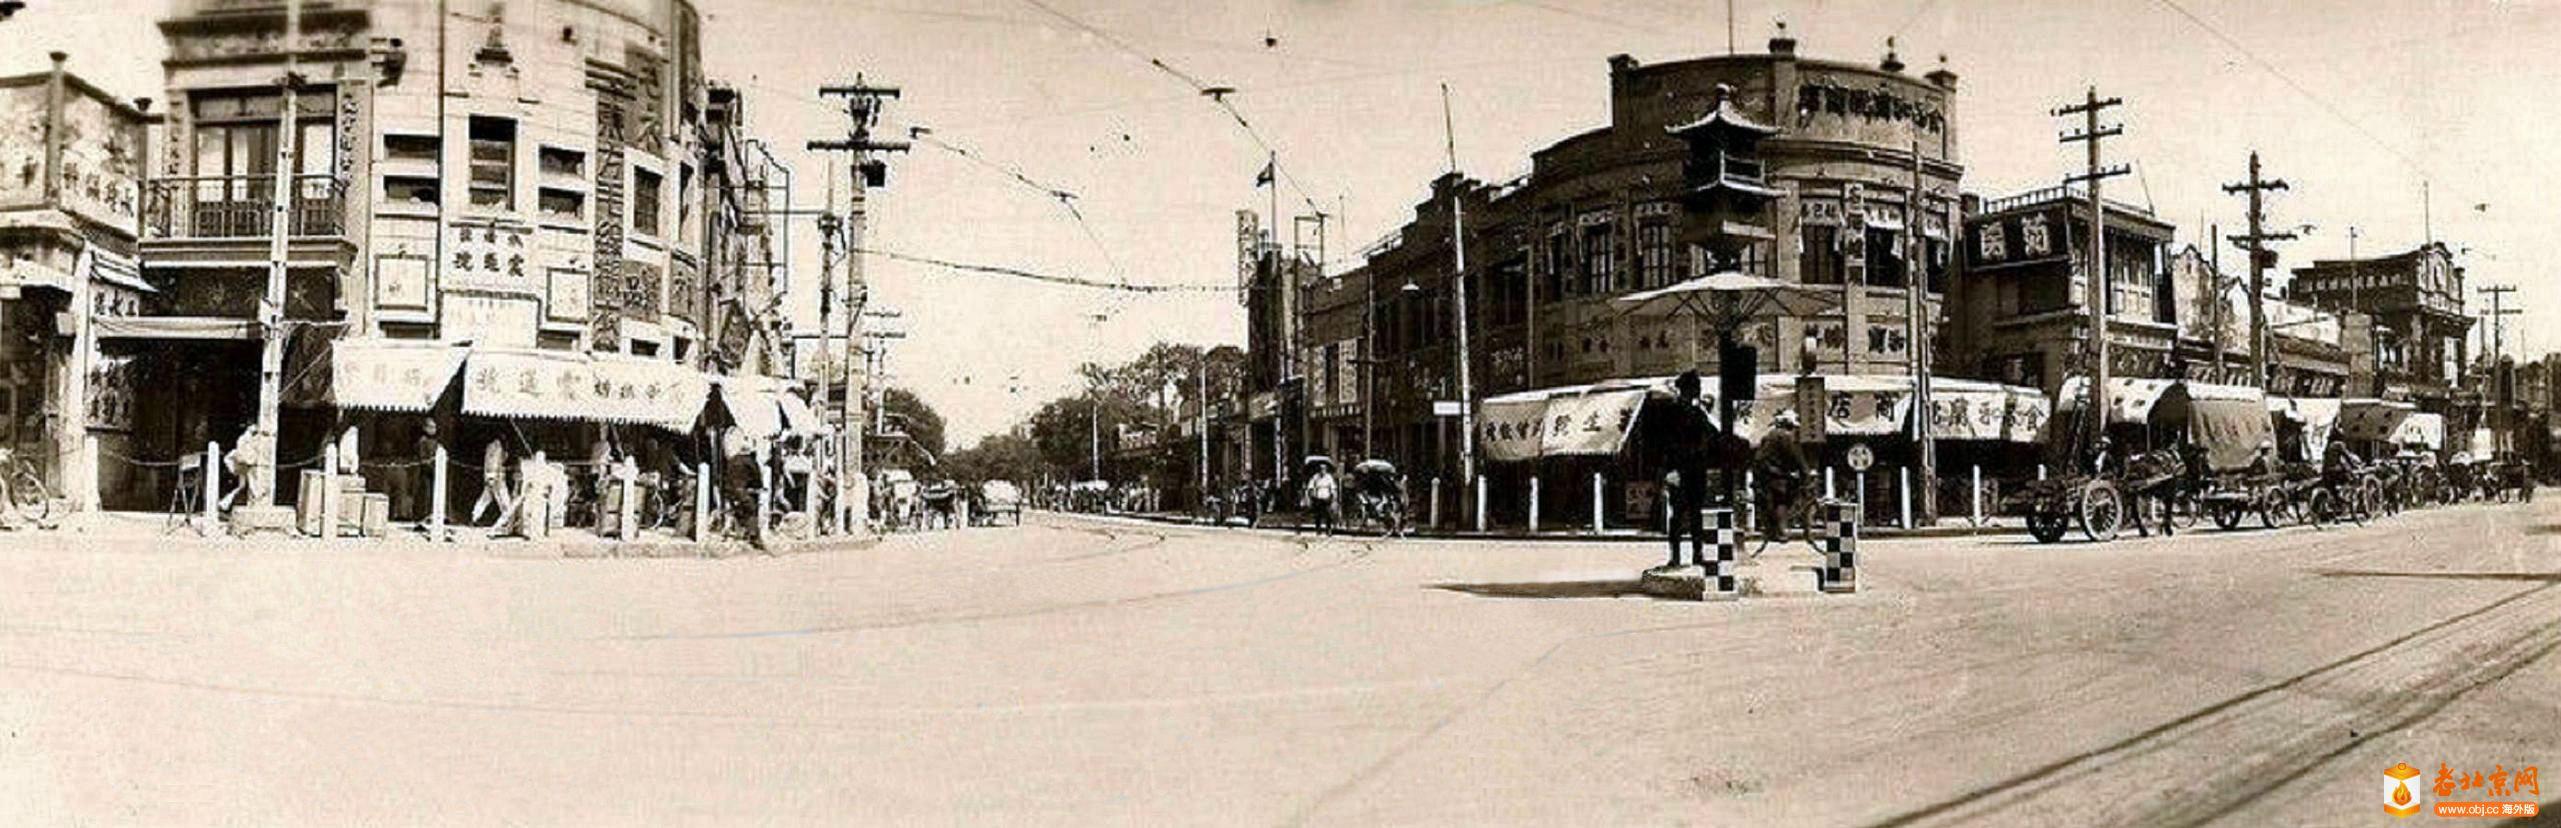 西单西长安街口      (194-年)a.jpg